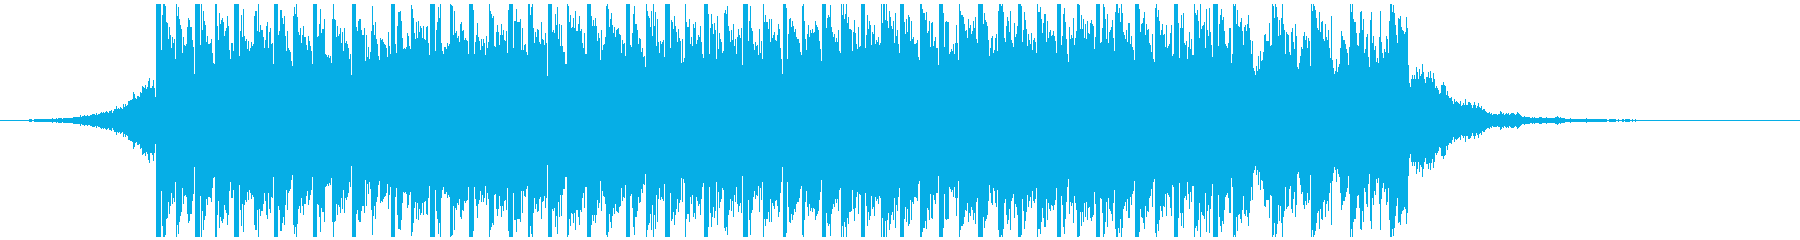 サマーパーティー(20秒)の再生済みの波形